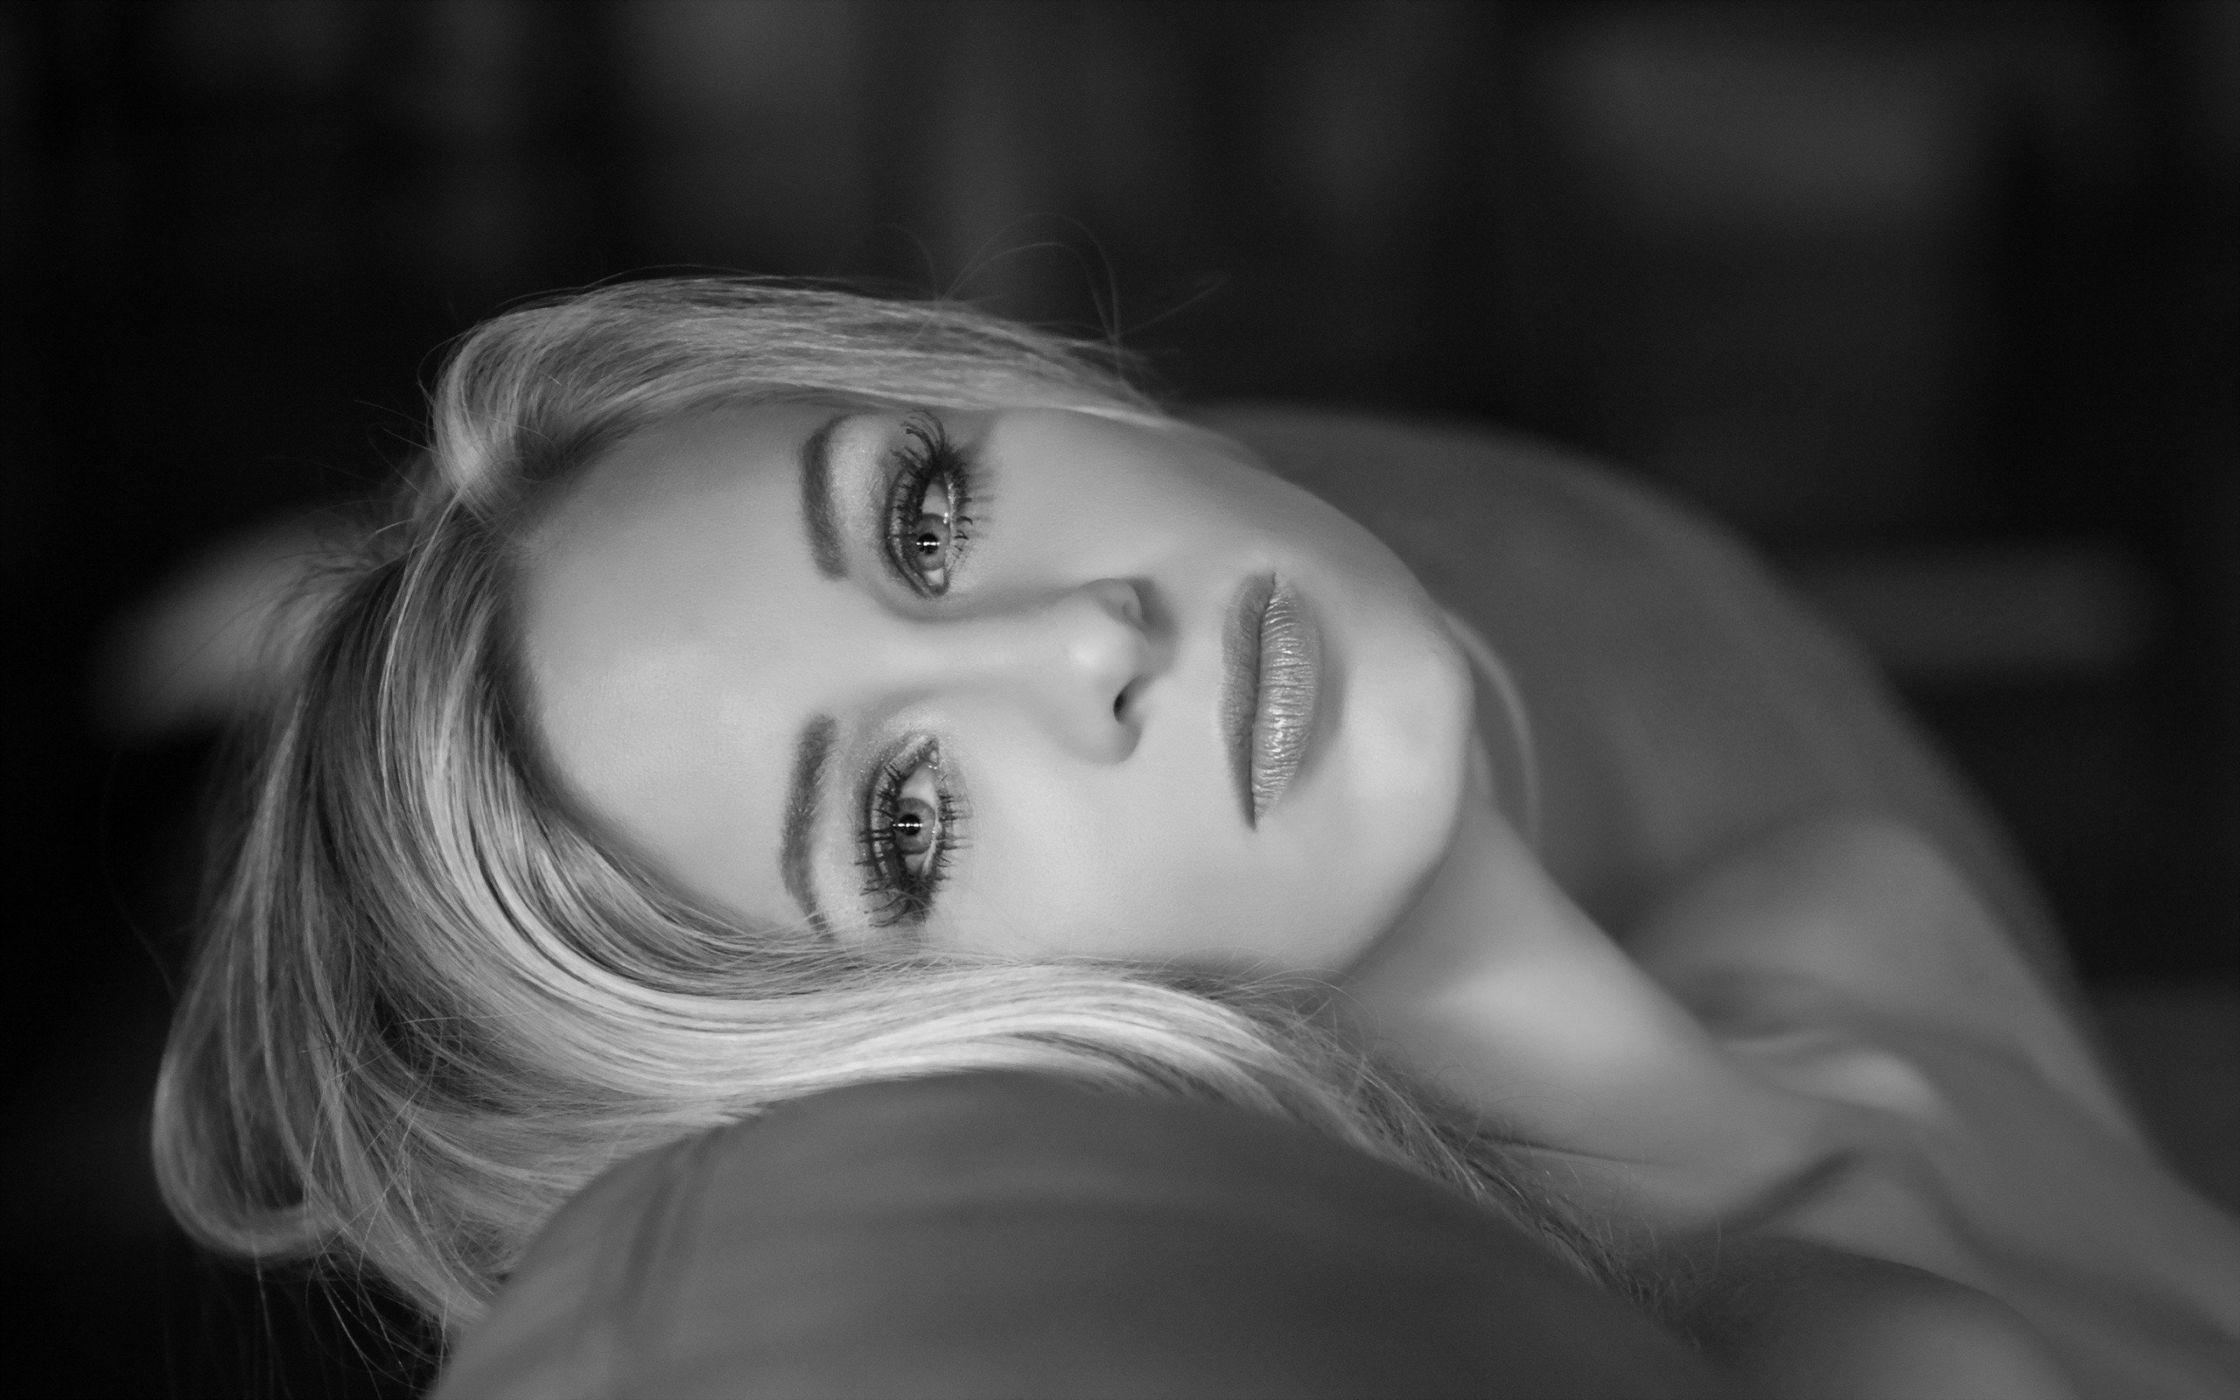 черно-белые картинки девушек блондинок - 1